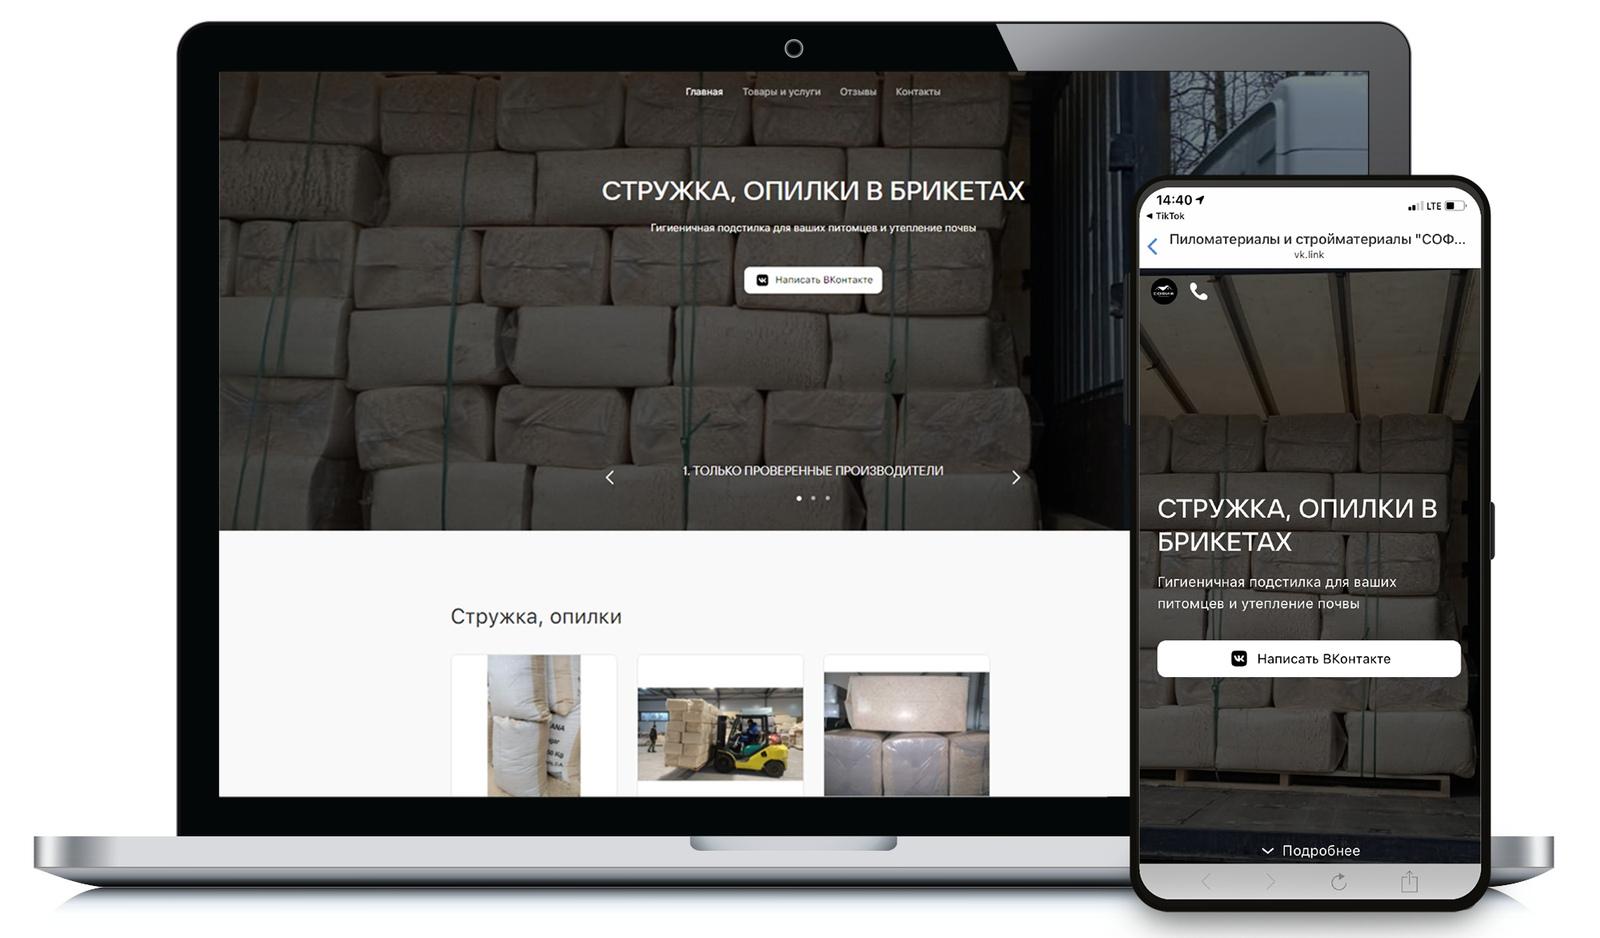 Сайт из сообщества троительной базы «СОФИЯ»